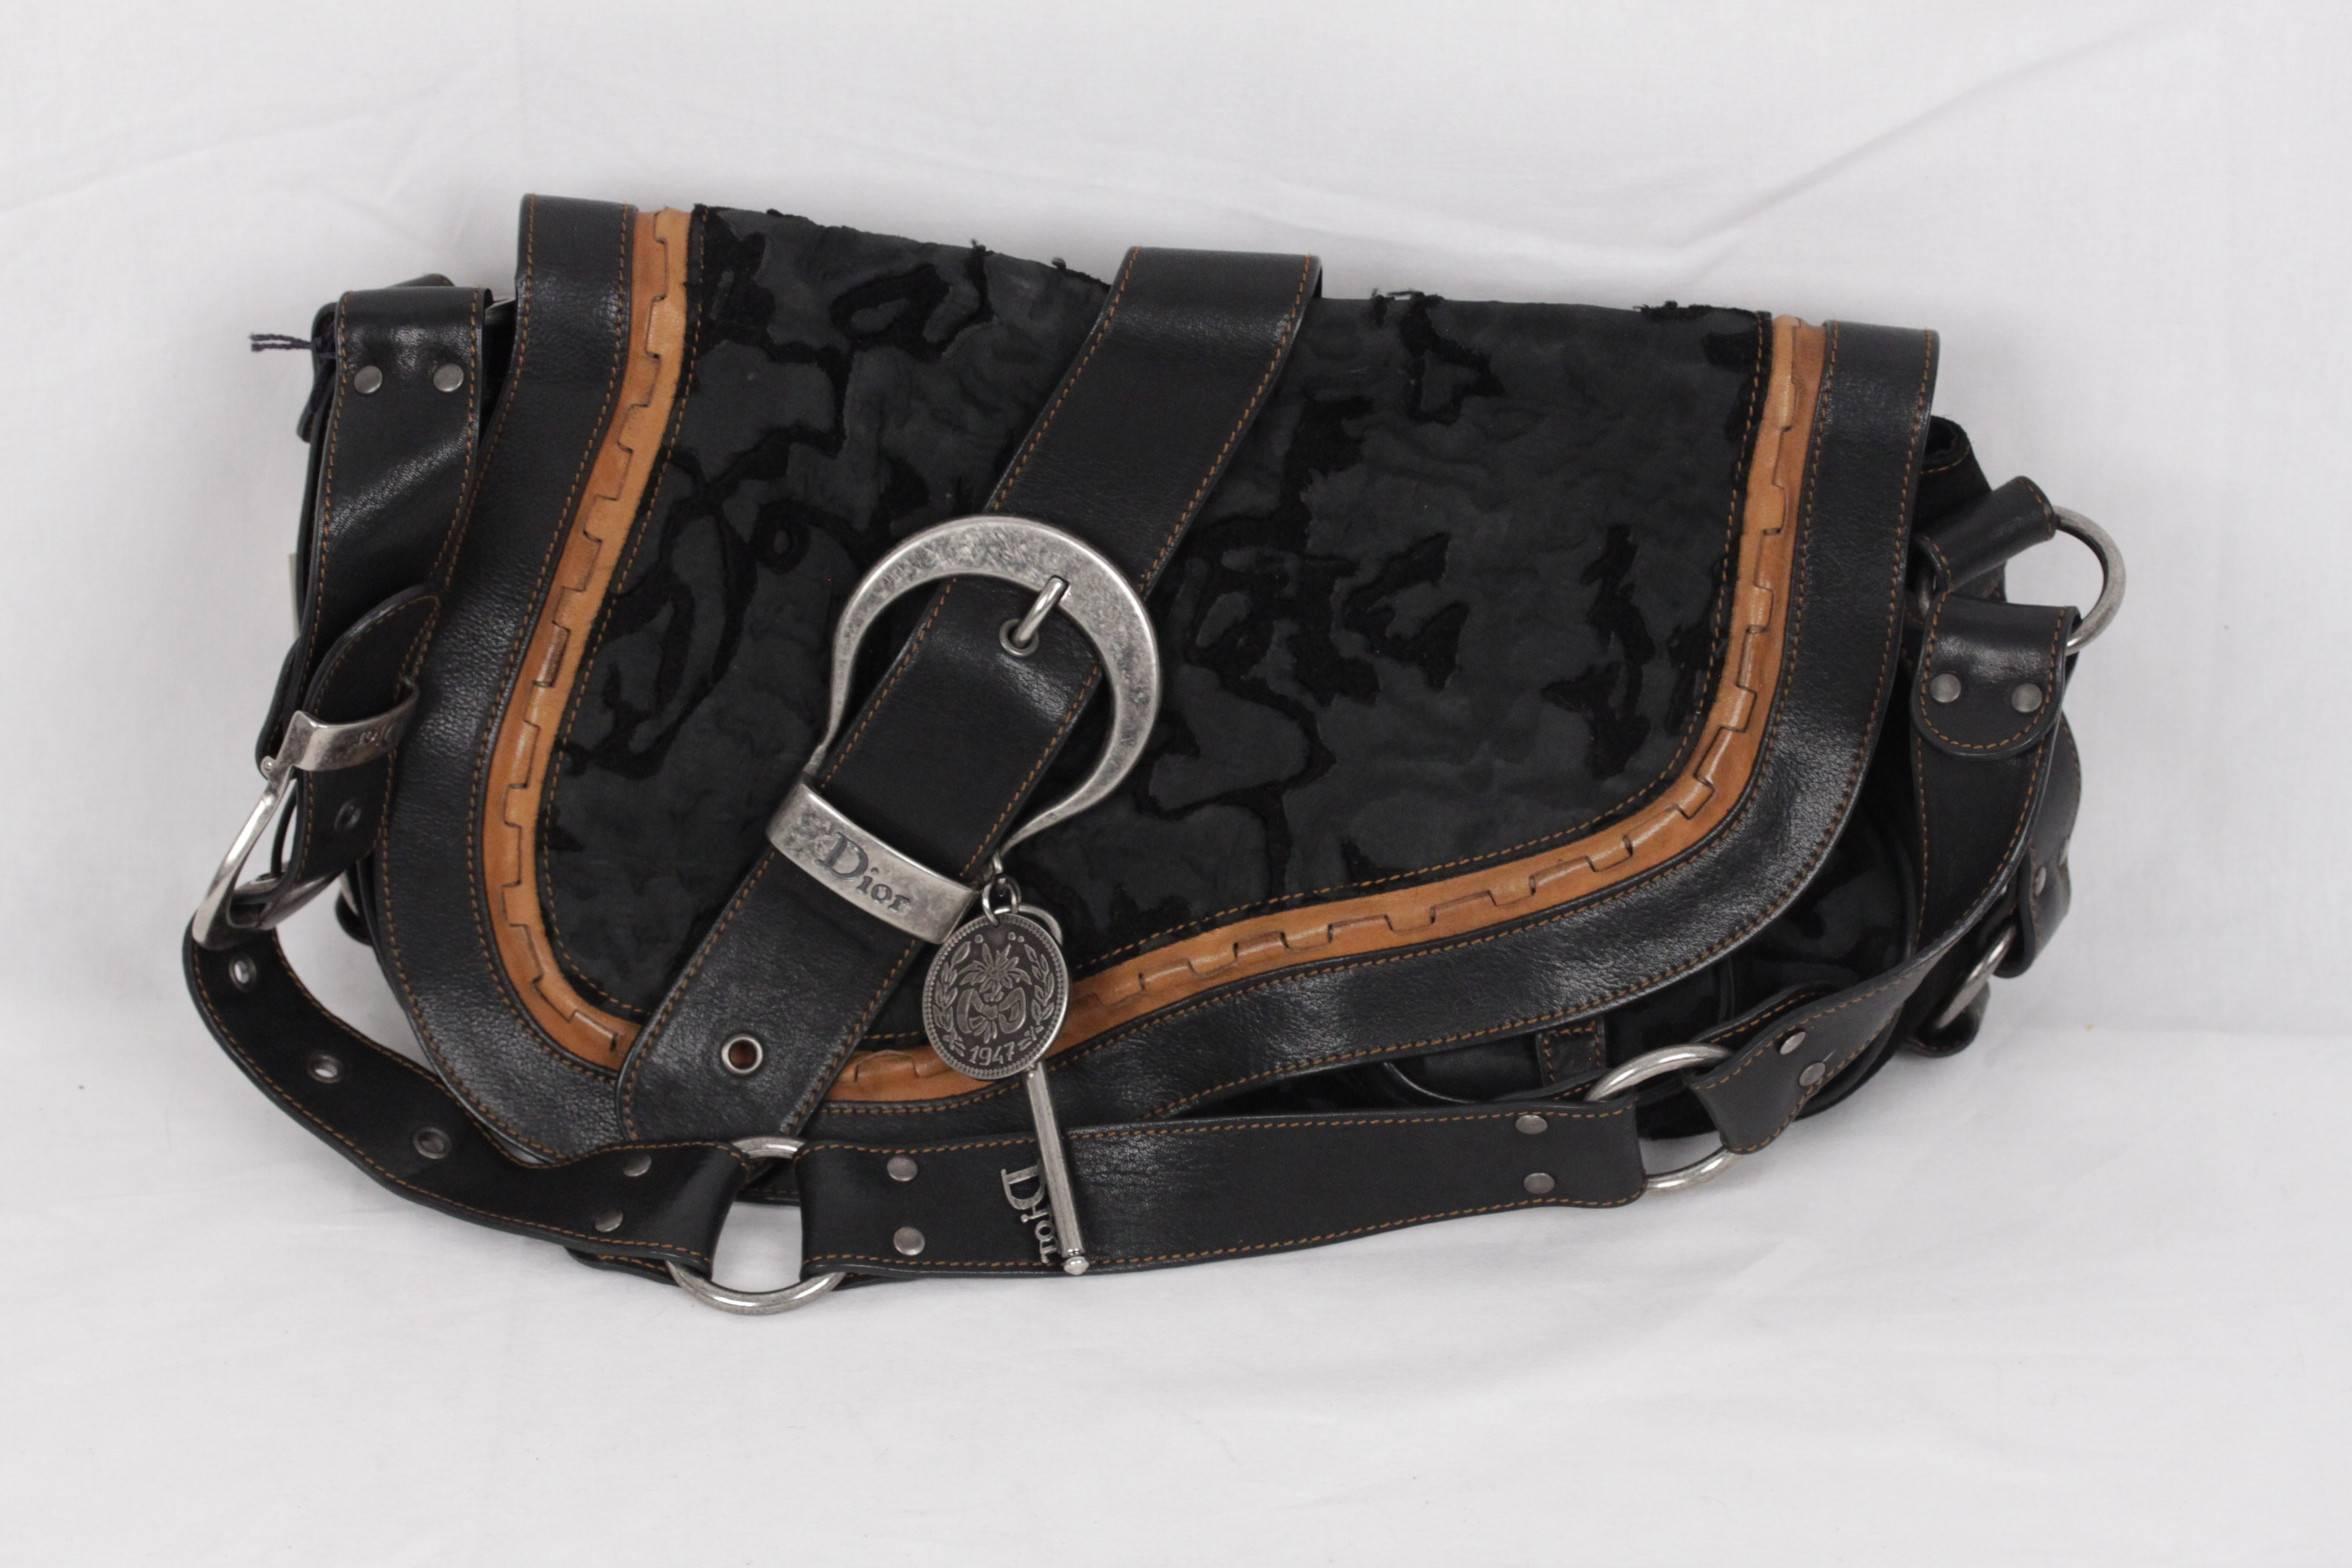 b685015f4746 CHRISTIAN DIOR LIMITED EDITION Black GAUCHO BAG Saddle SHOULDER BAG For  Sale at 1stdibs